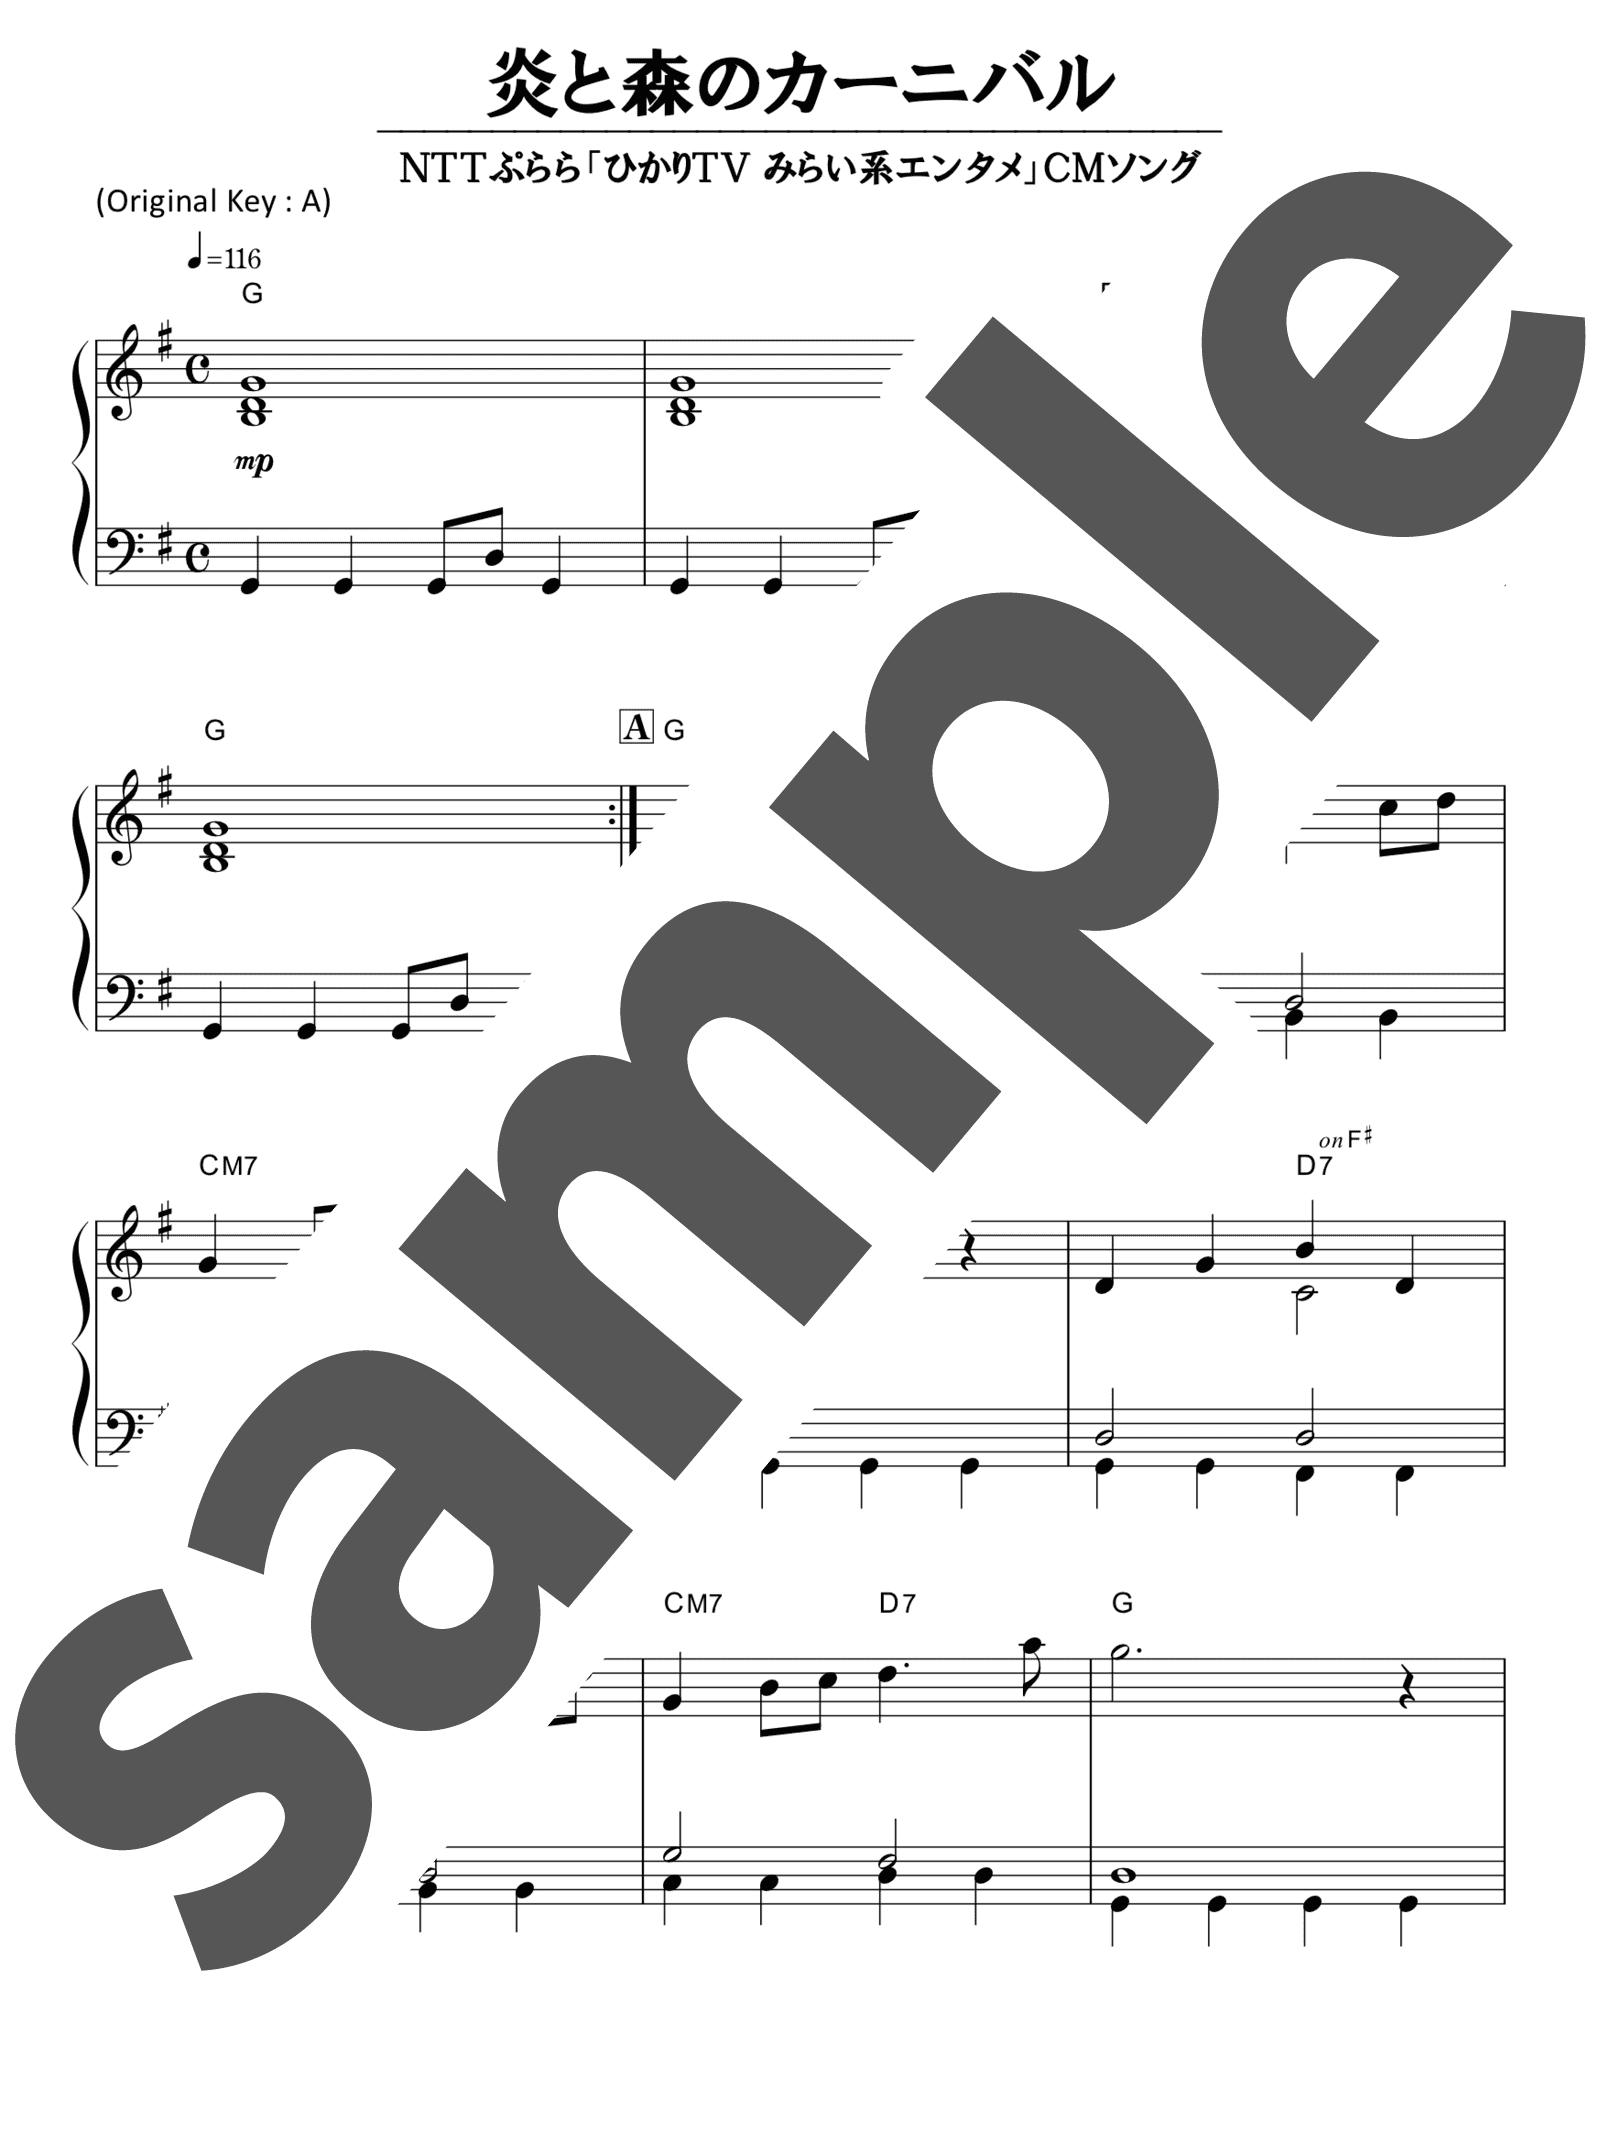 「炎と森のカーニバル」のサンプル楽譜